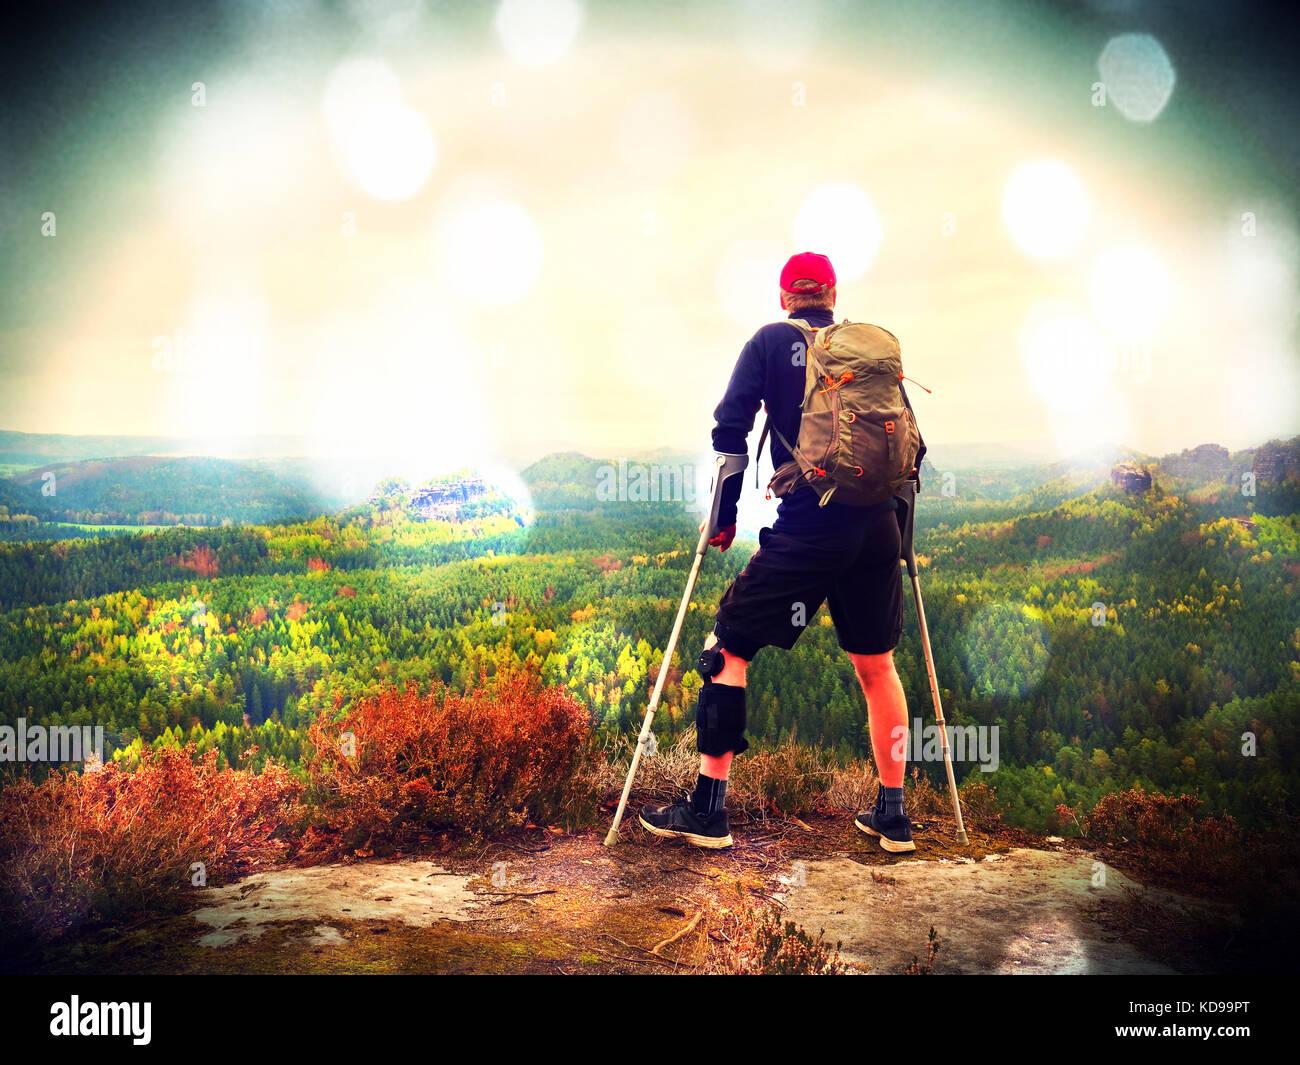 Difetto di lente. l uomo escursionista indossando la gamba di sostegno e rinforzo gainst il cruthes. foresta naturale Immagini Stock